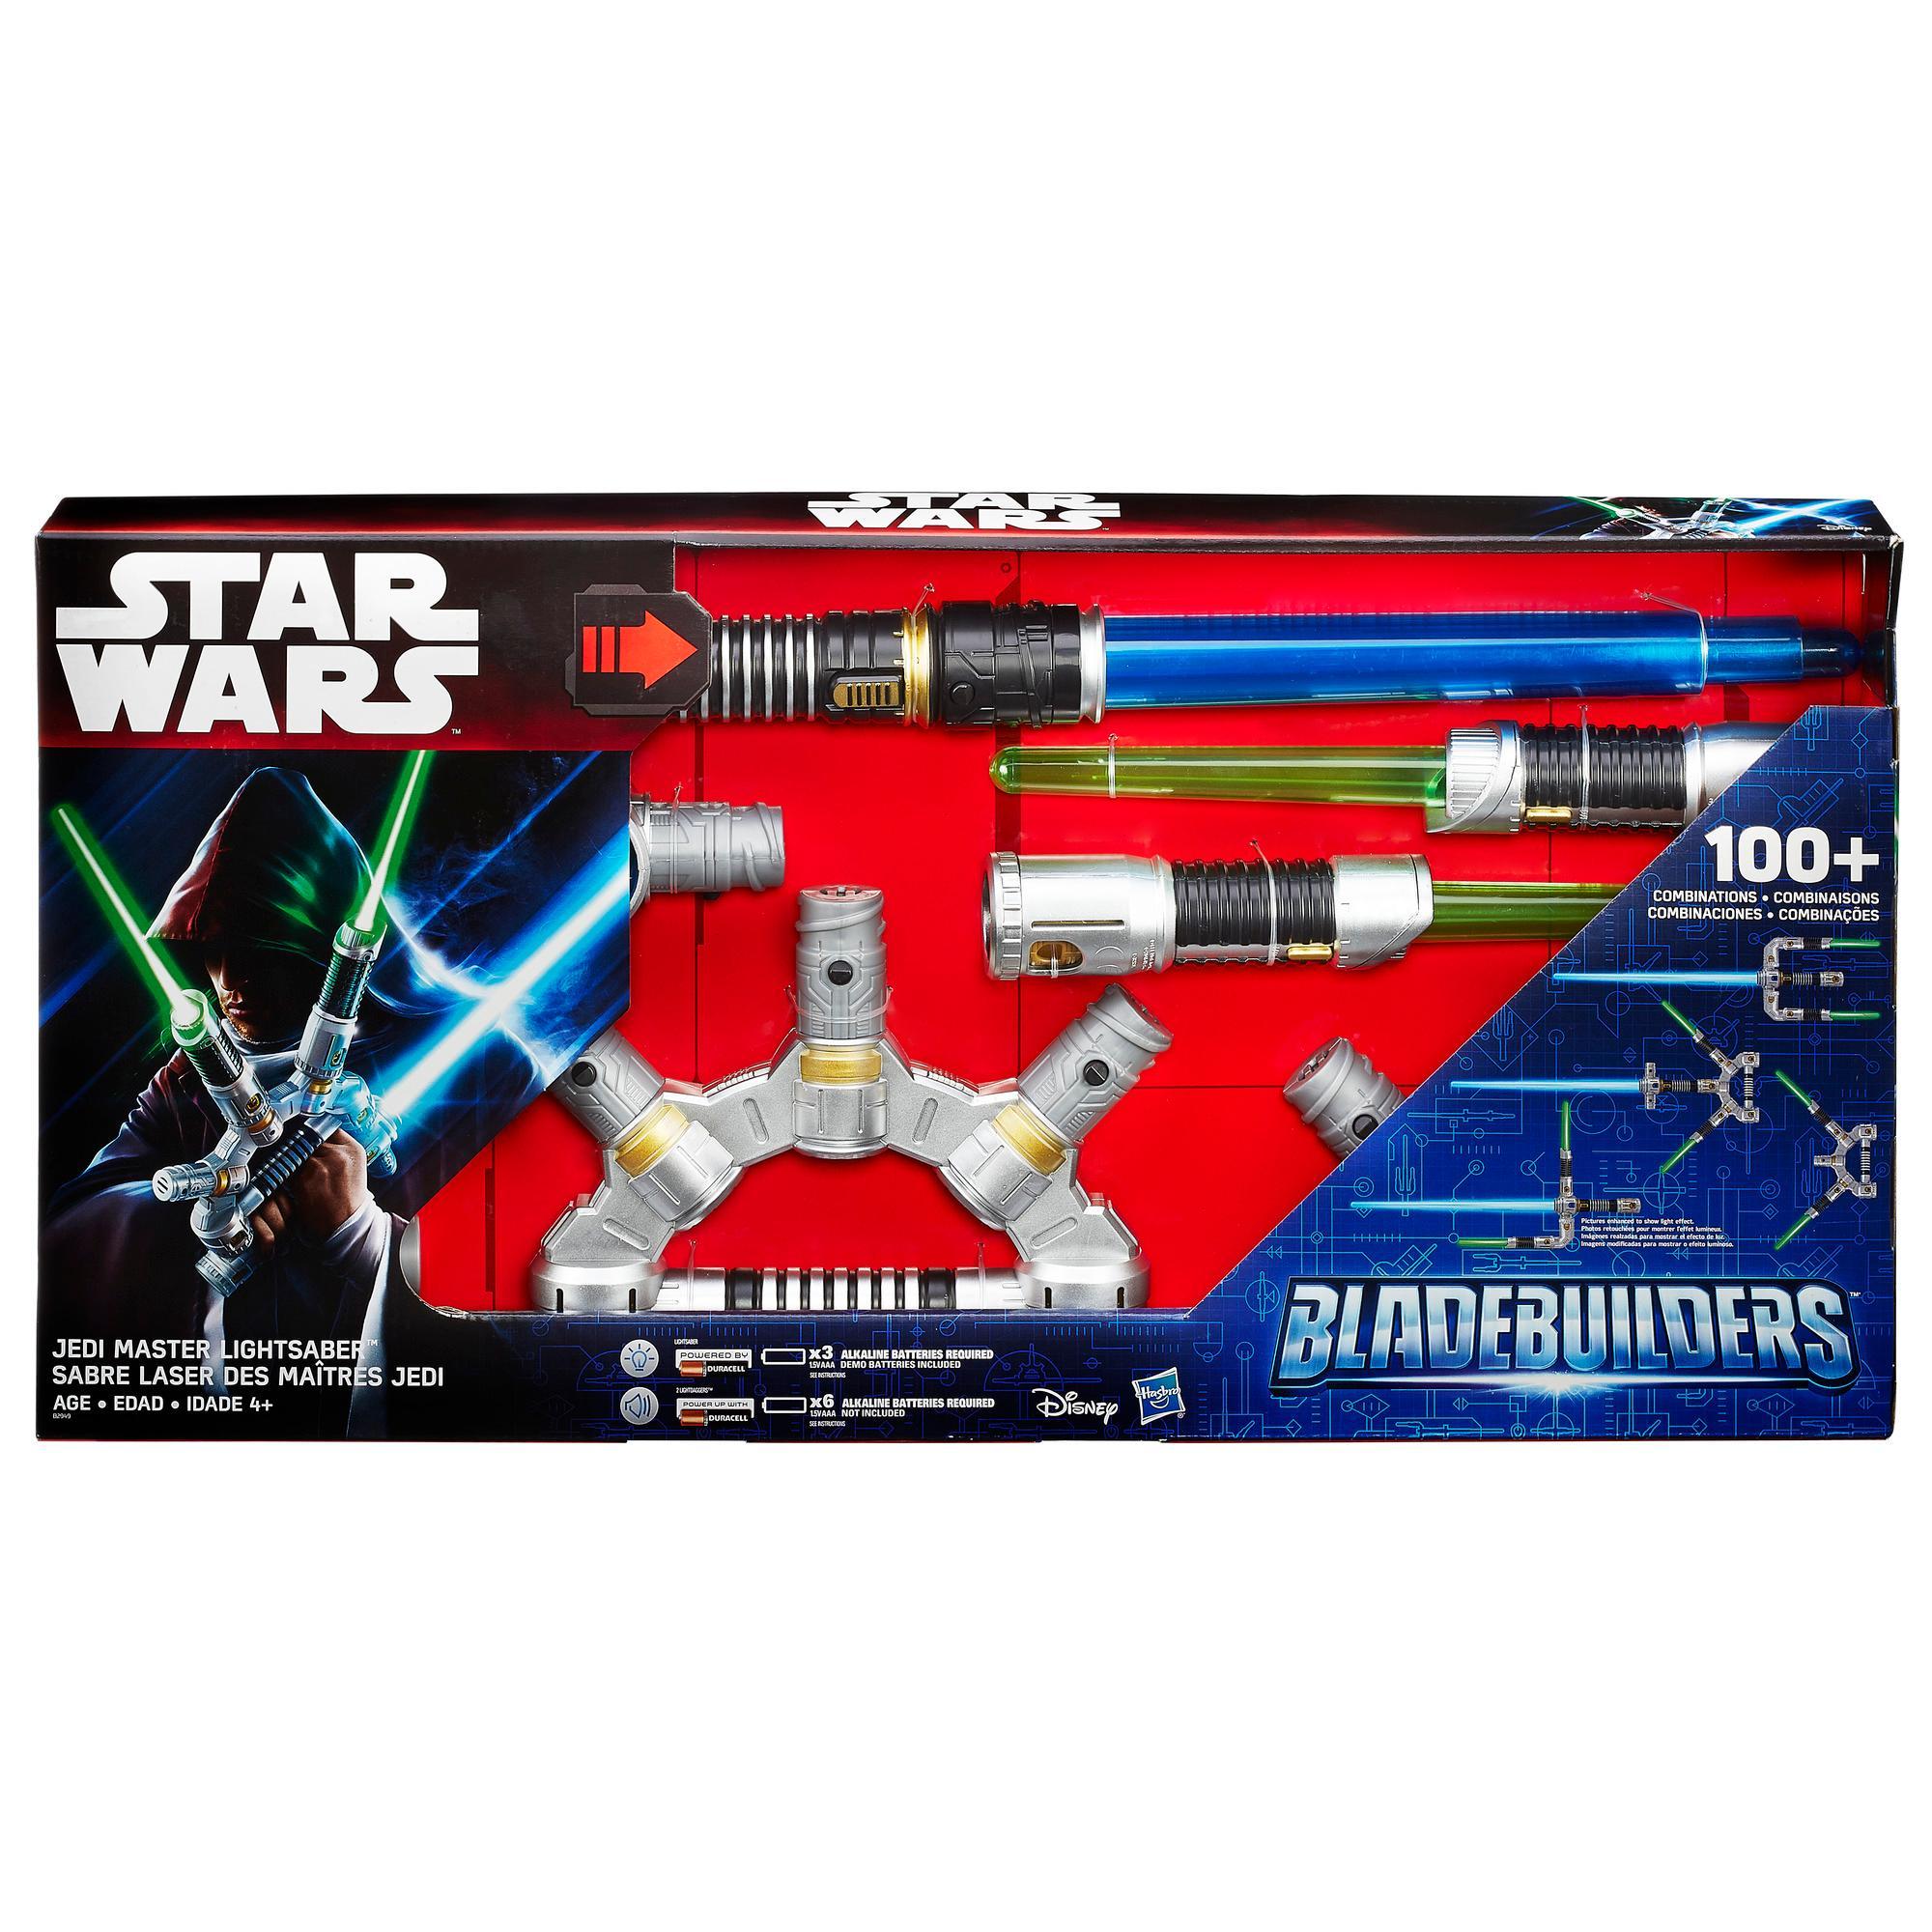 Star Wars Bladebuilders Jedi Master Lightsaber Ages 4